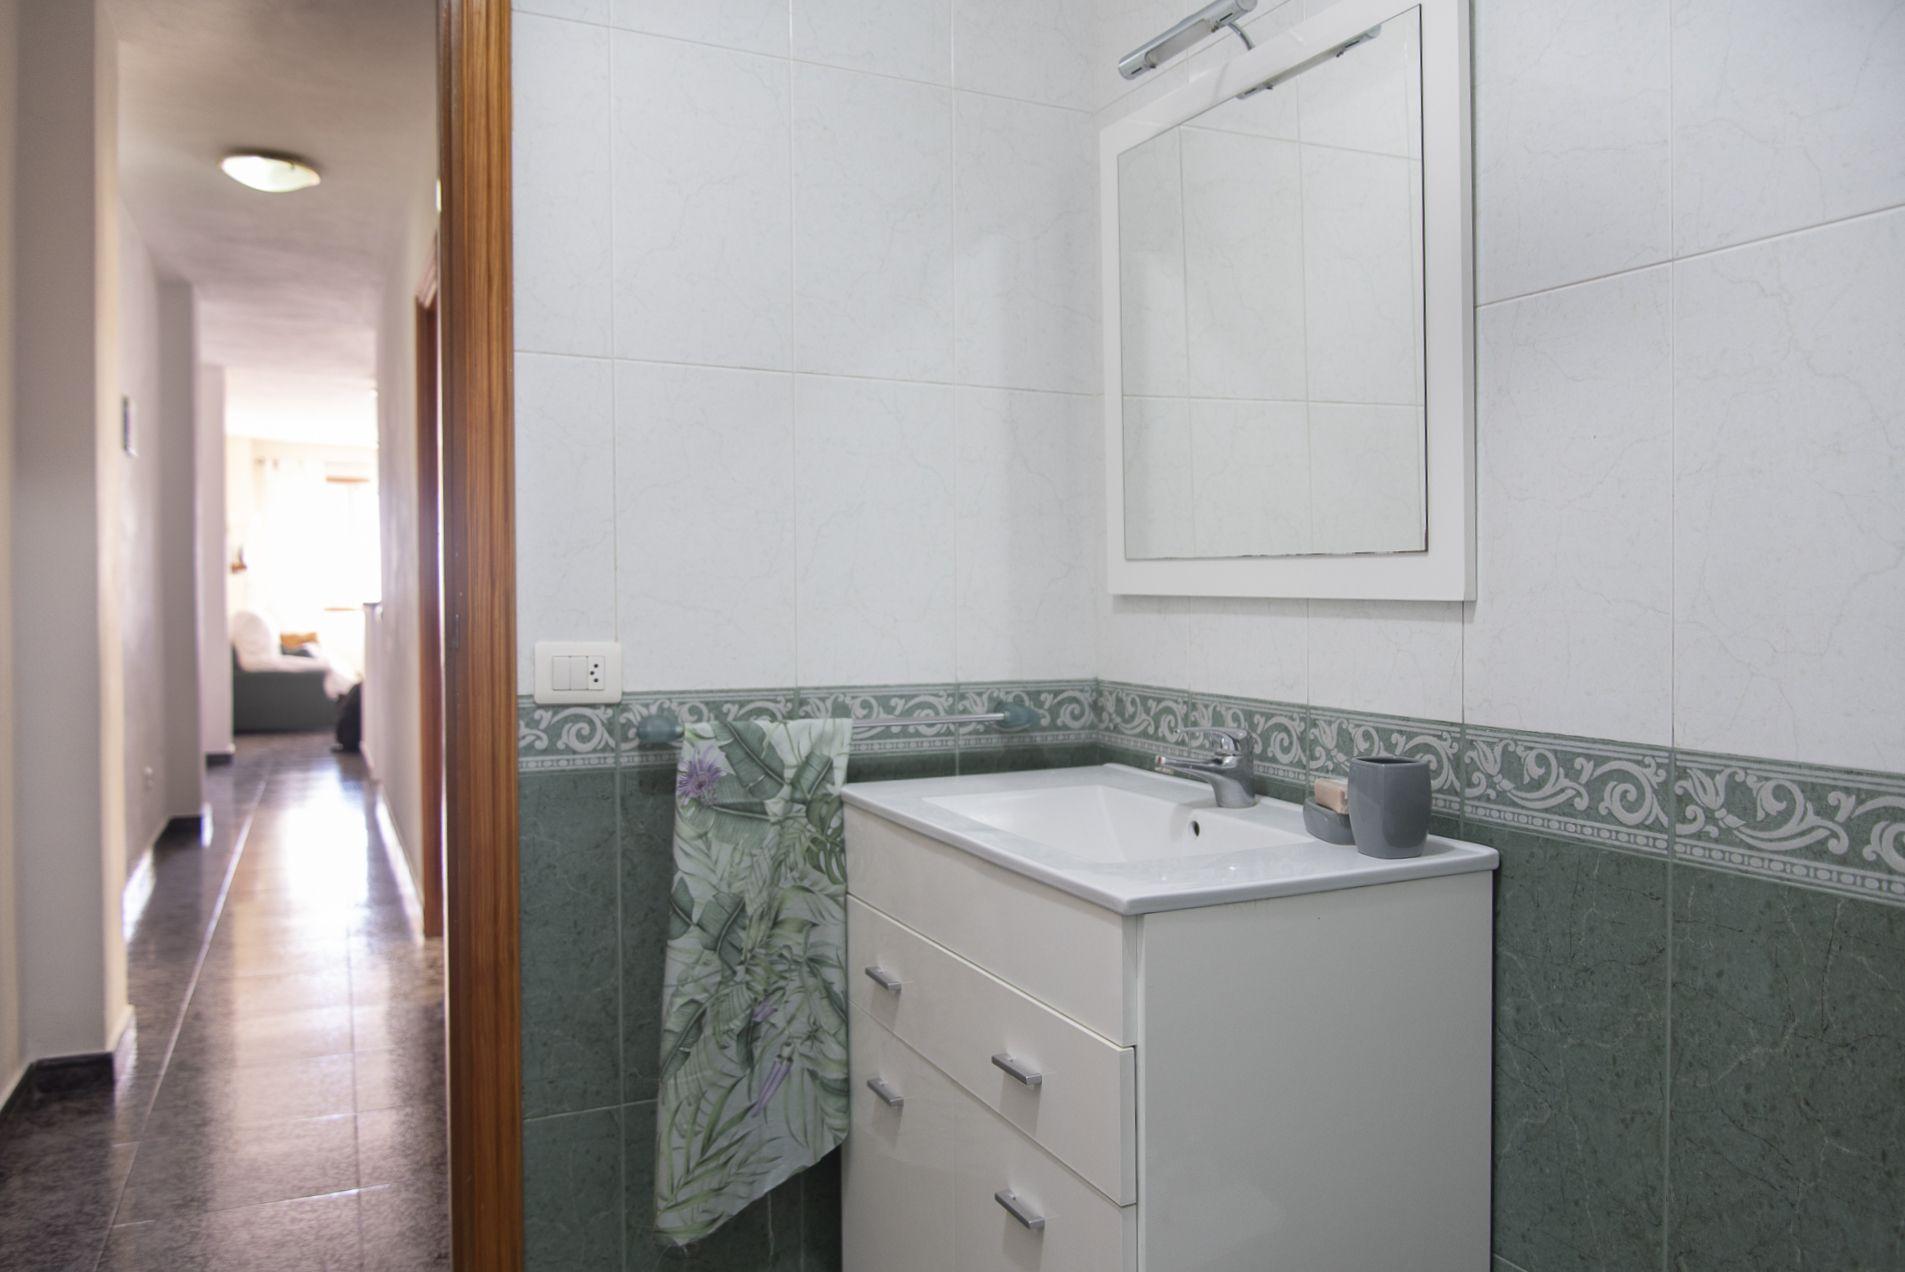 Antequera y Bobadilla - Baño